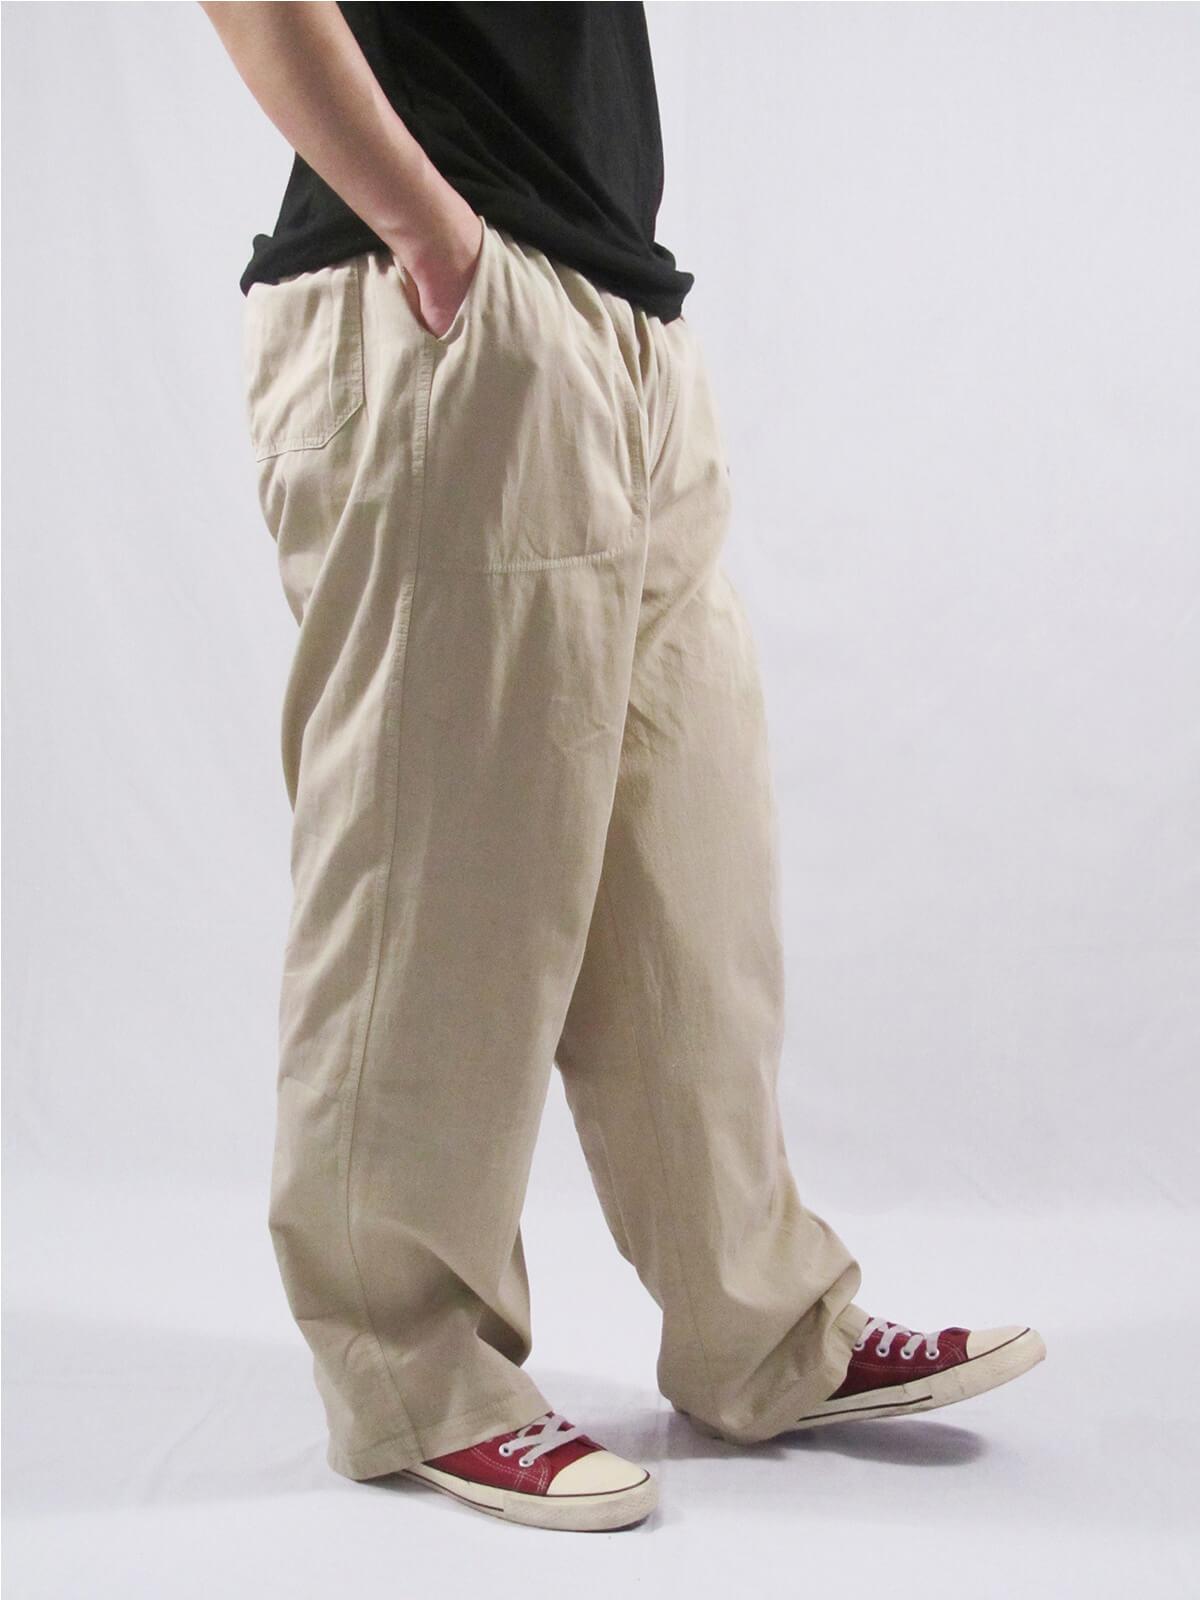 加大尺碼手染酵素洗休閒褲 台灣製休閒長褲 棉100%大尺寸長褲 棉質長褲 黑色長褲 BIG&TALL PANTS (020-0218-08)深藍色、(020-0218-11)軍綠色、(020-0218-16)卡其色、(020-0218-21)黑色、(020-0218-22)灰色 尺寸3L 5L(腰圍:36~50英吋) [實體店面保障] sun-e 2